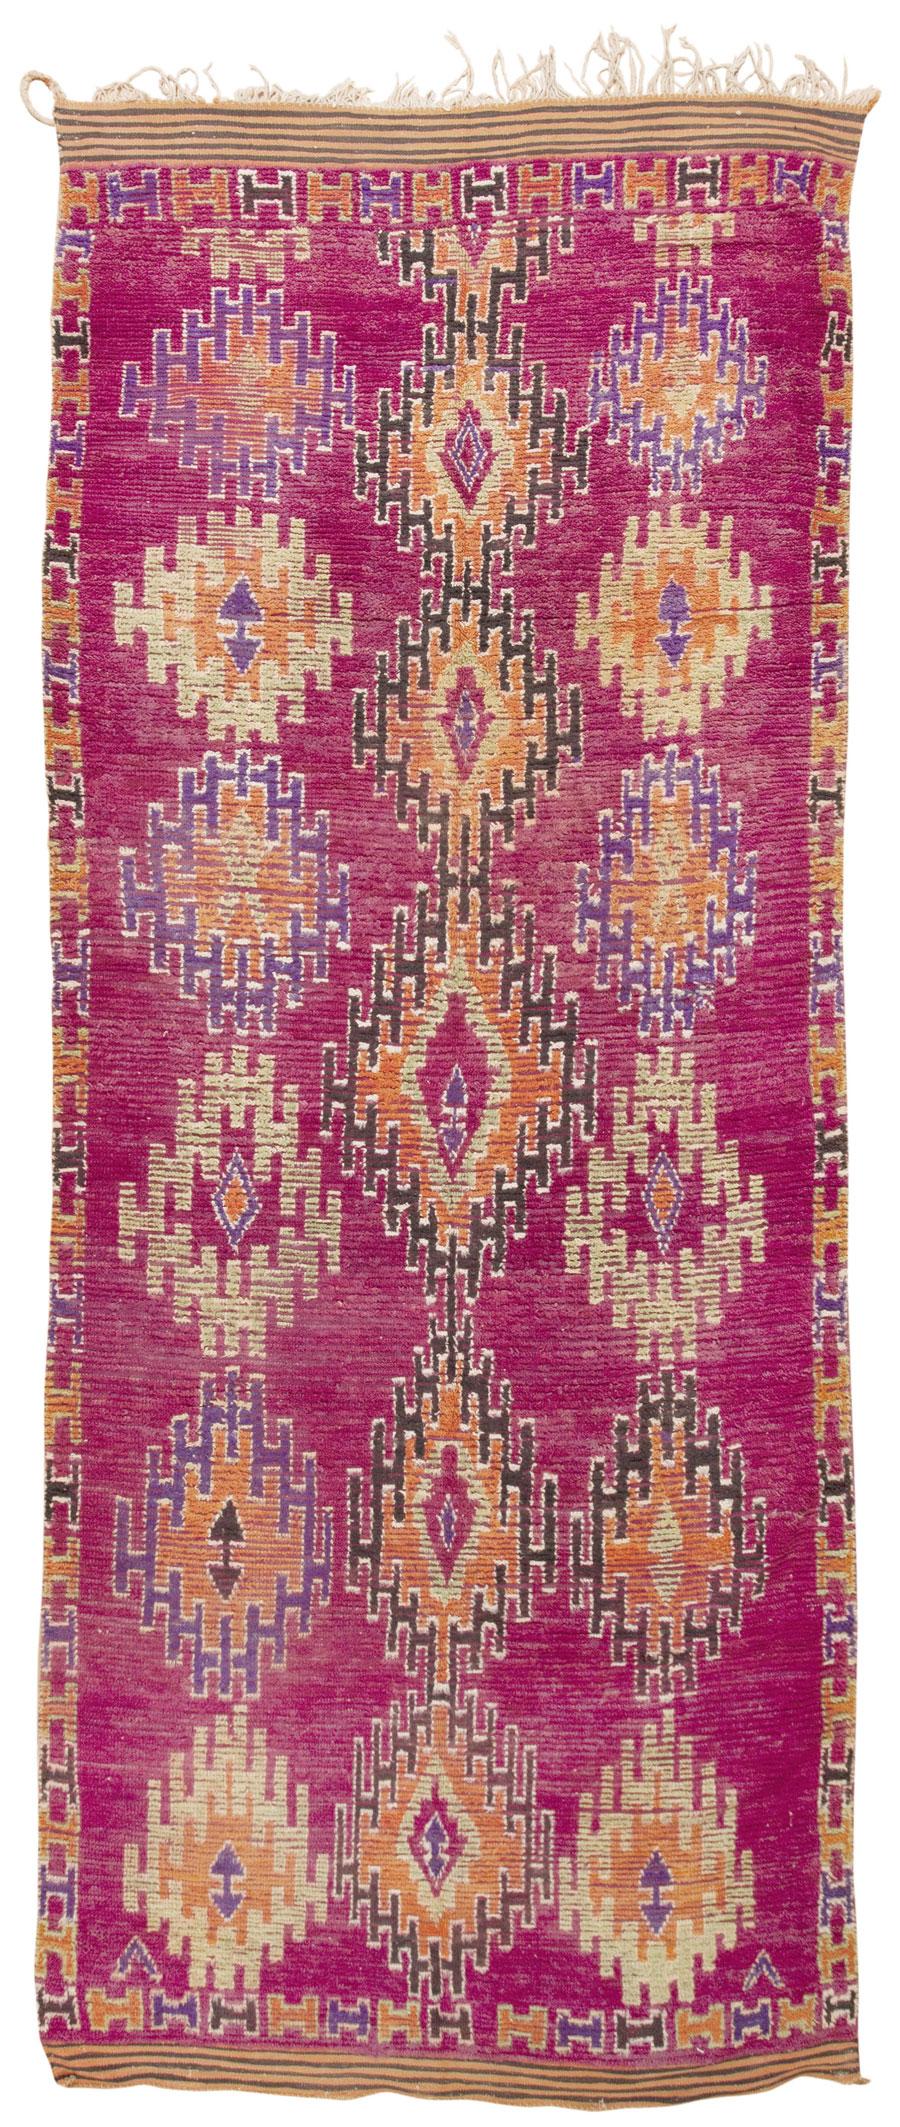 45098-Vintage-Moroccan-Rug-HR.jpg